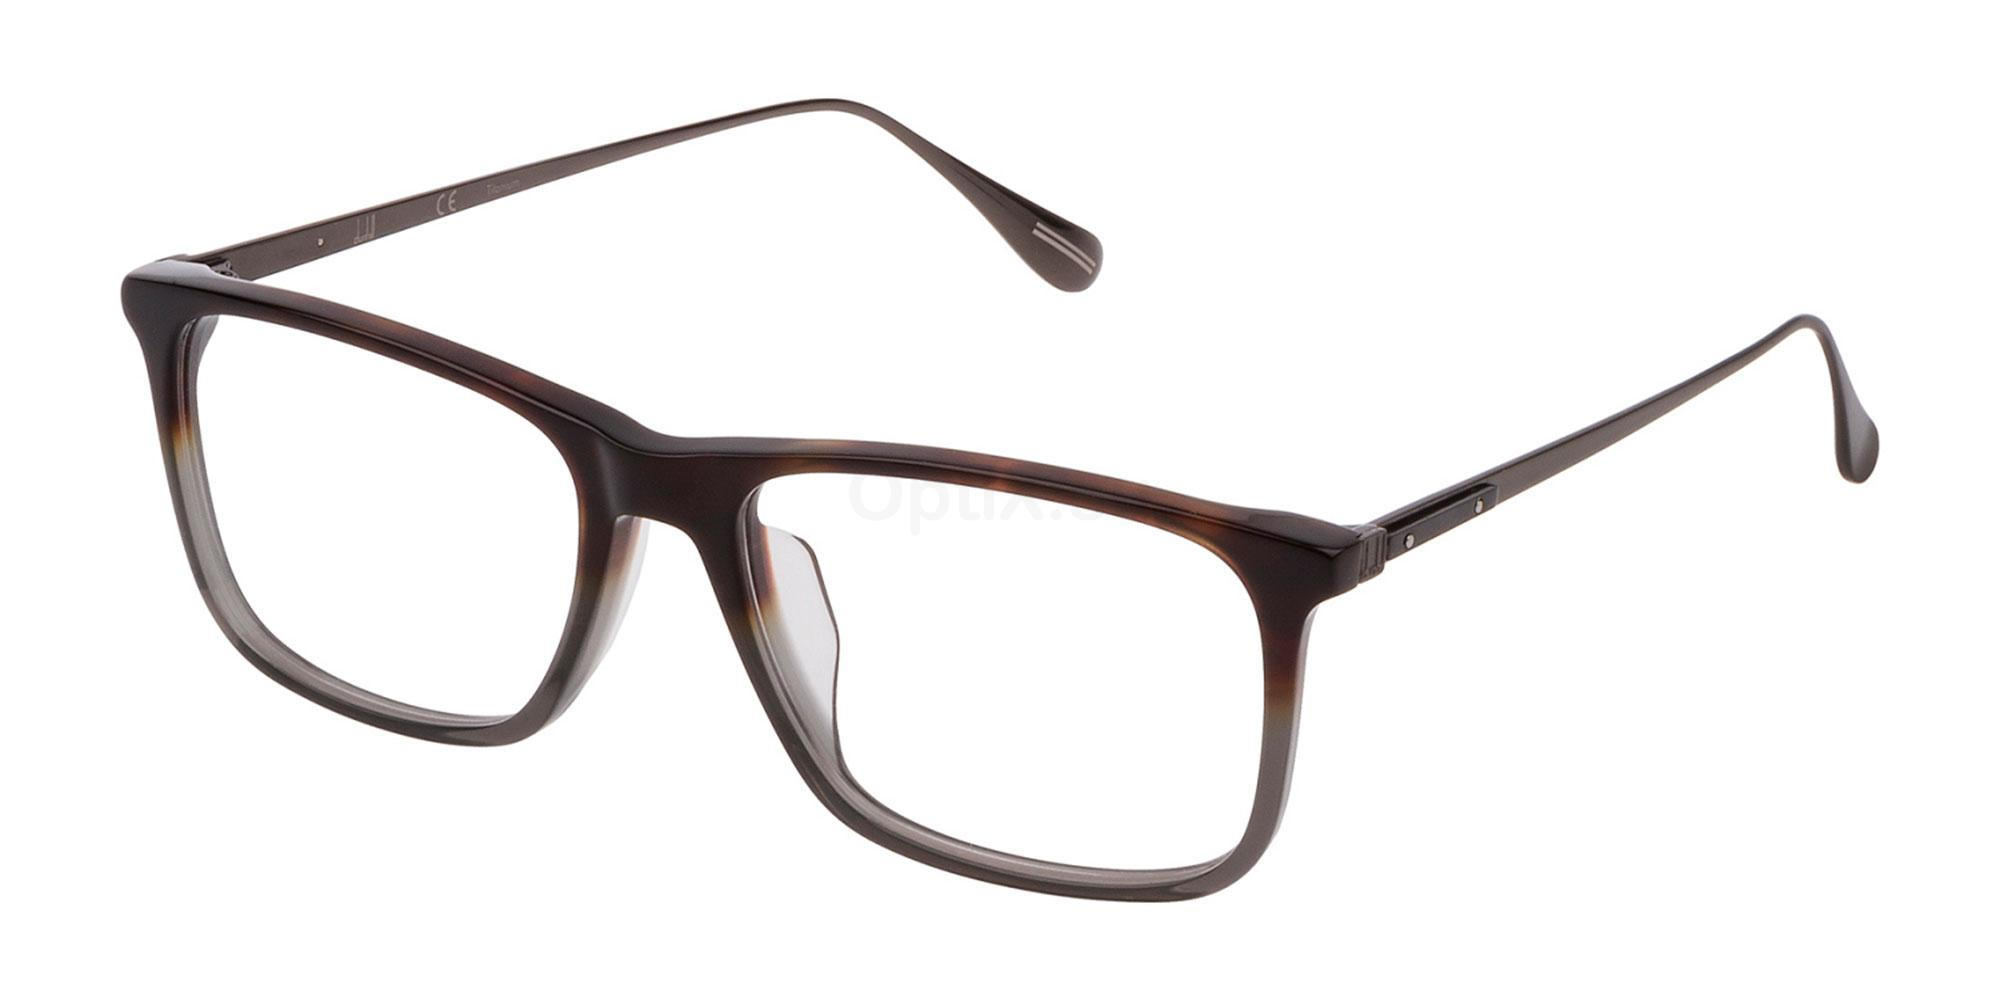 0793 VDH149M Glasses, Dunhill London